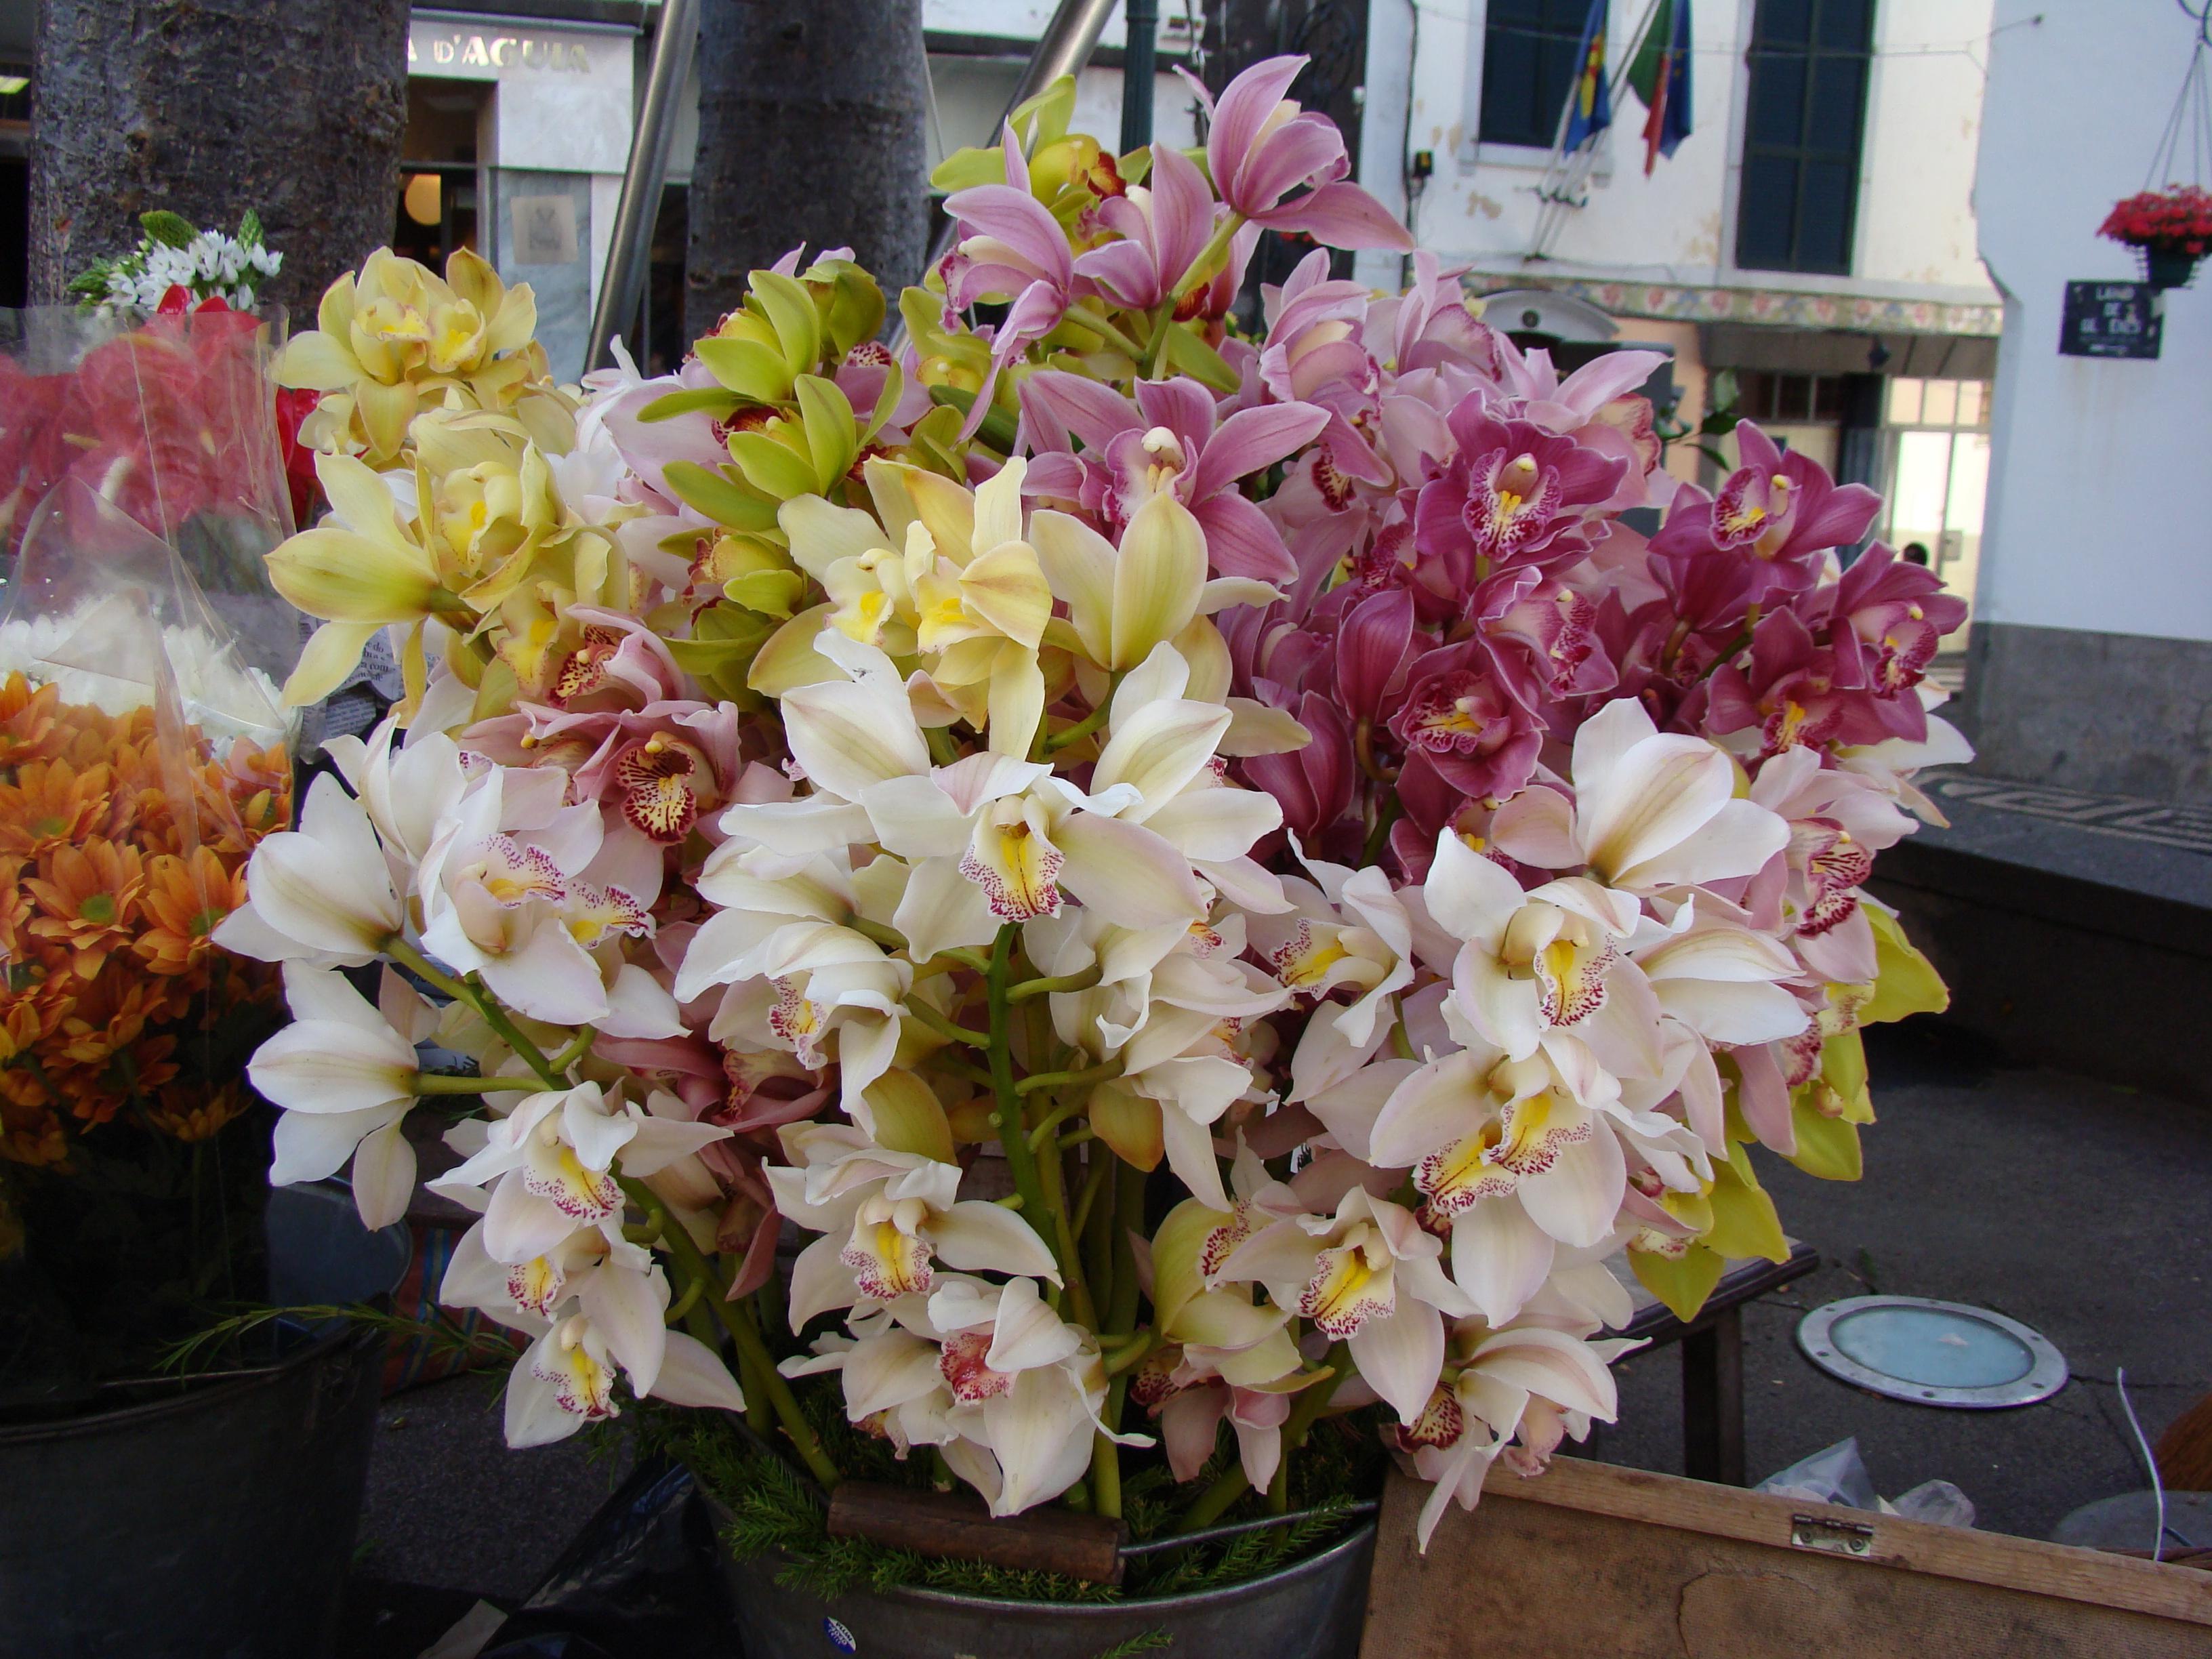 #87732F  son Cymbidium vendidas en cualquier calle por las calles de Funchal 3264x2448 px caixas de madeira para orquideas @ bernauer.info Móveis Antigos Novos E Usados Online